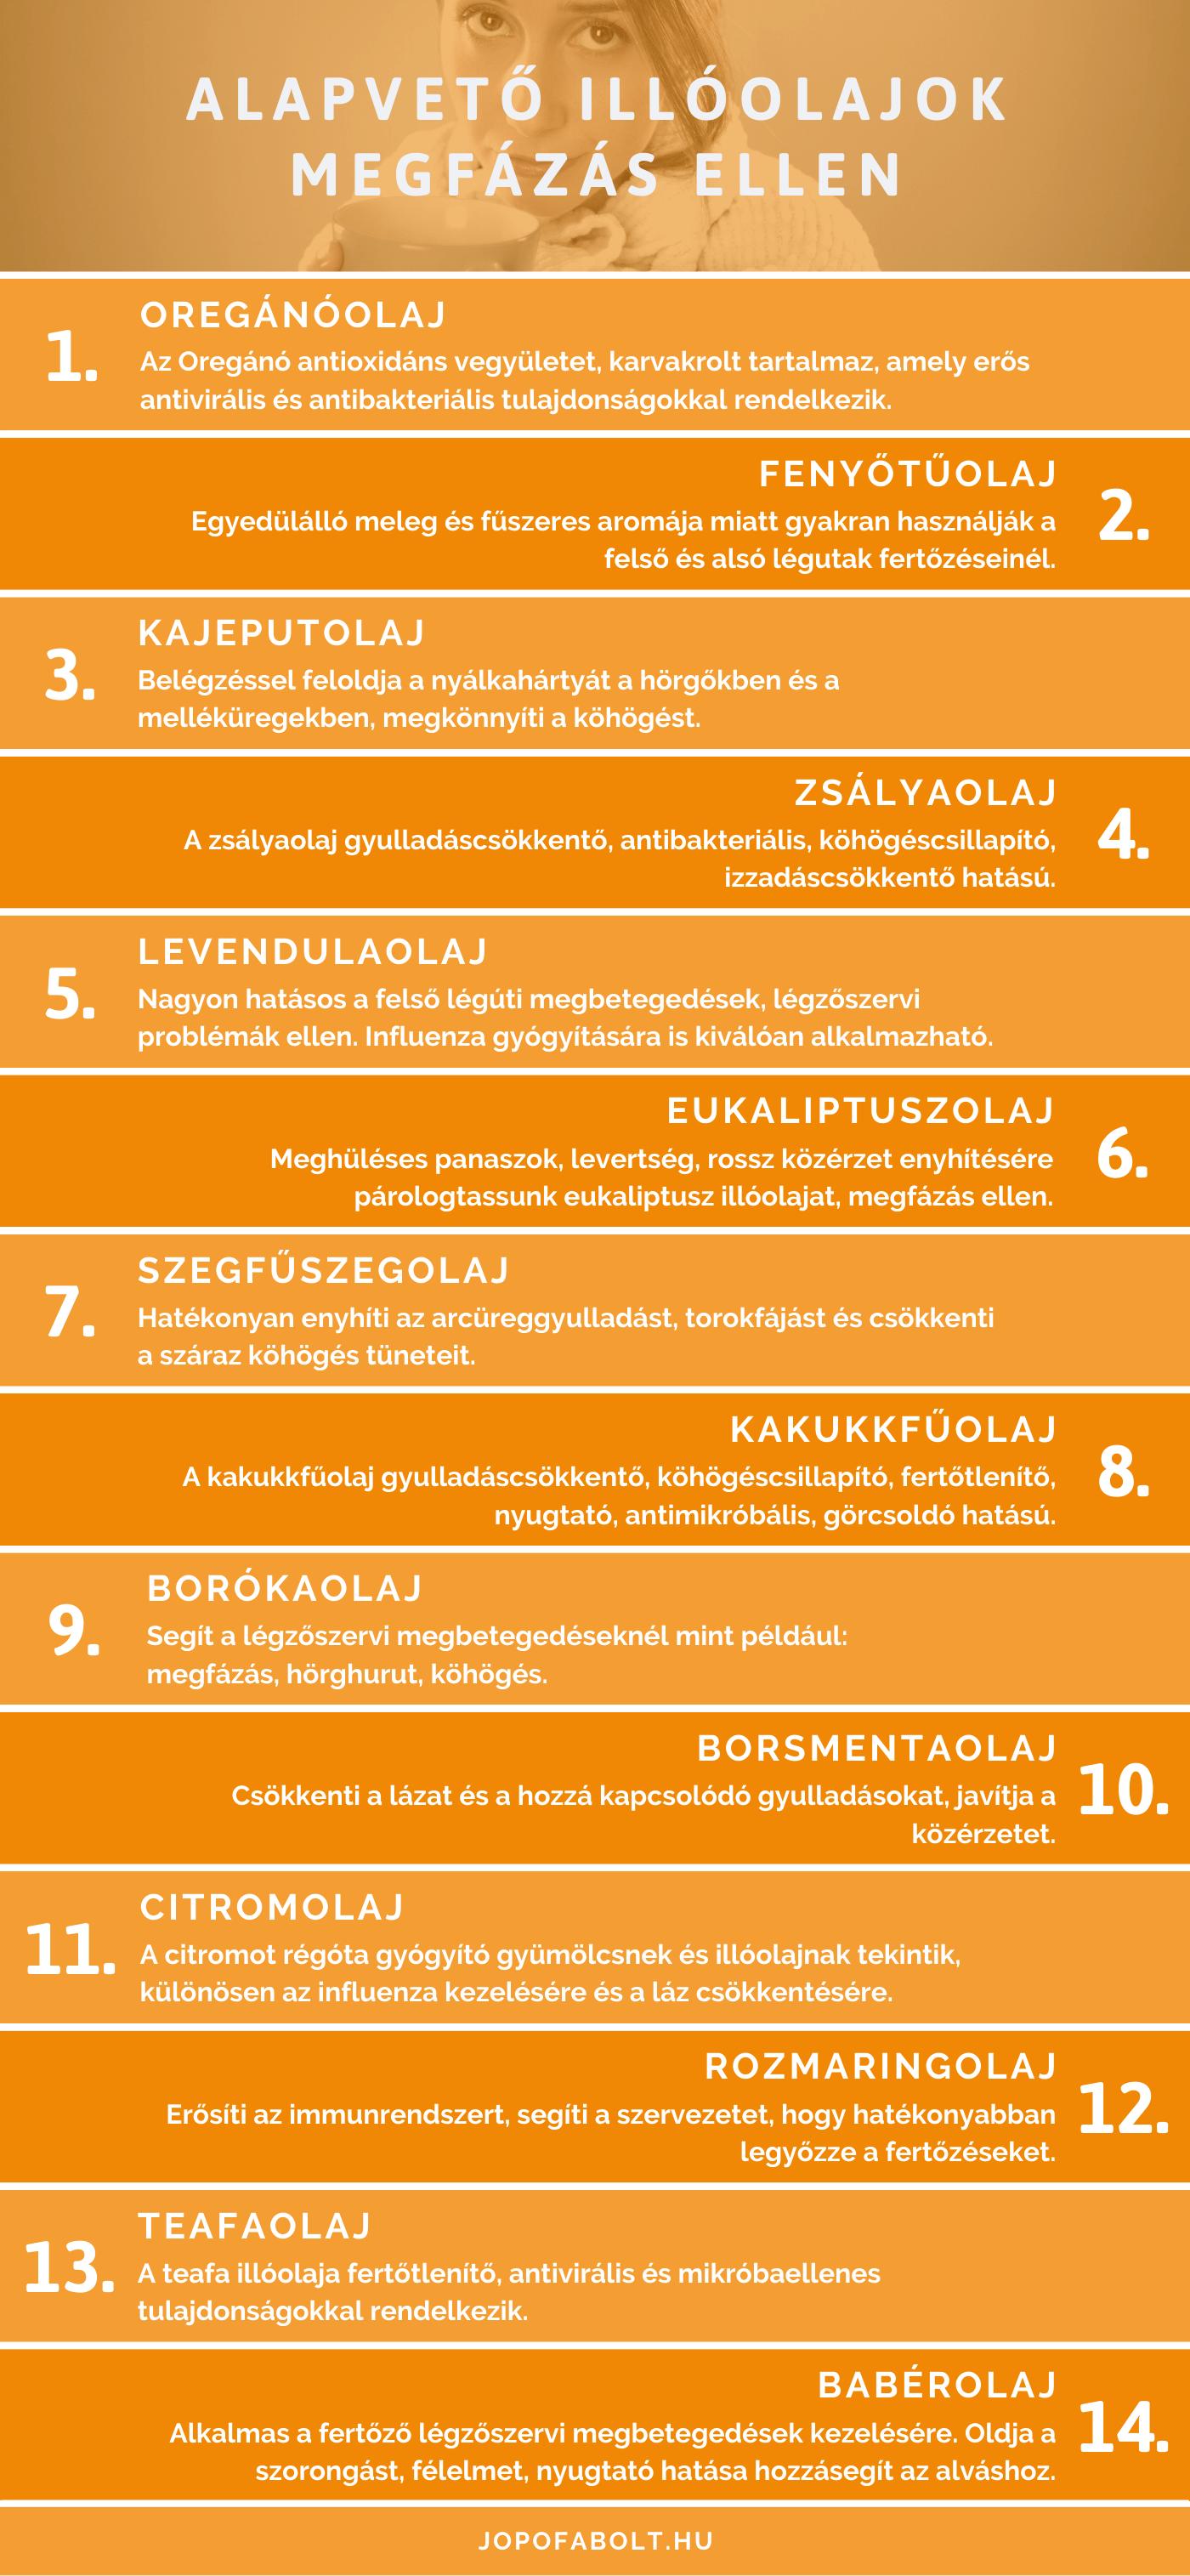 a magas vérnyomás elleni nátha orvossága)